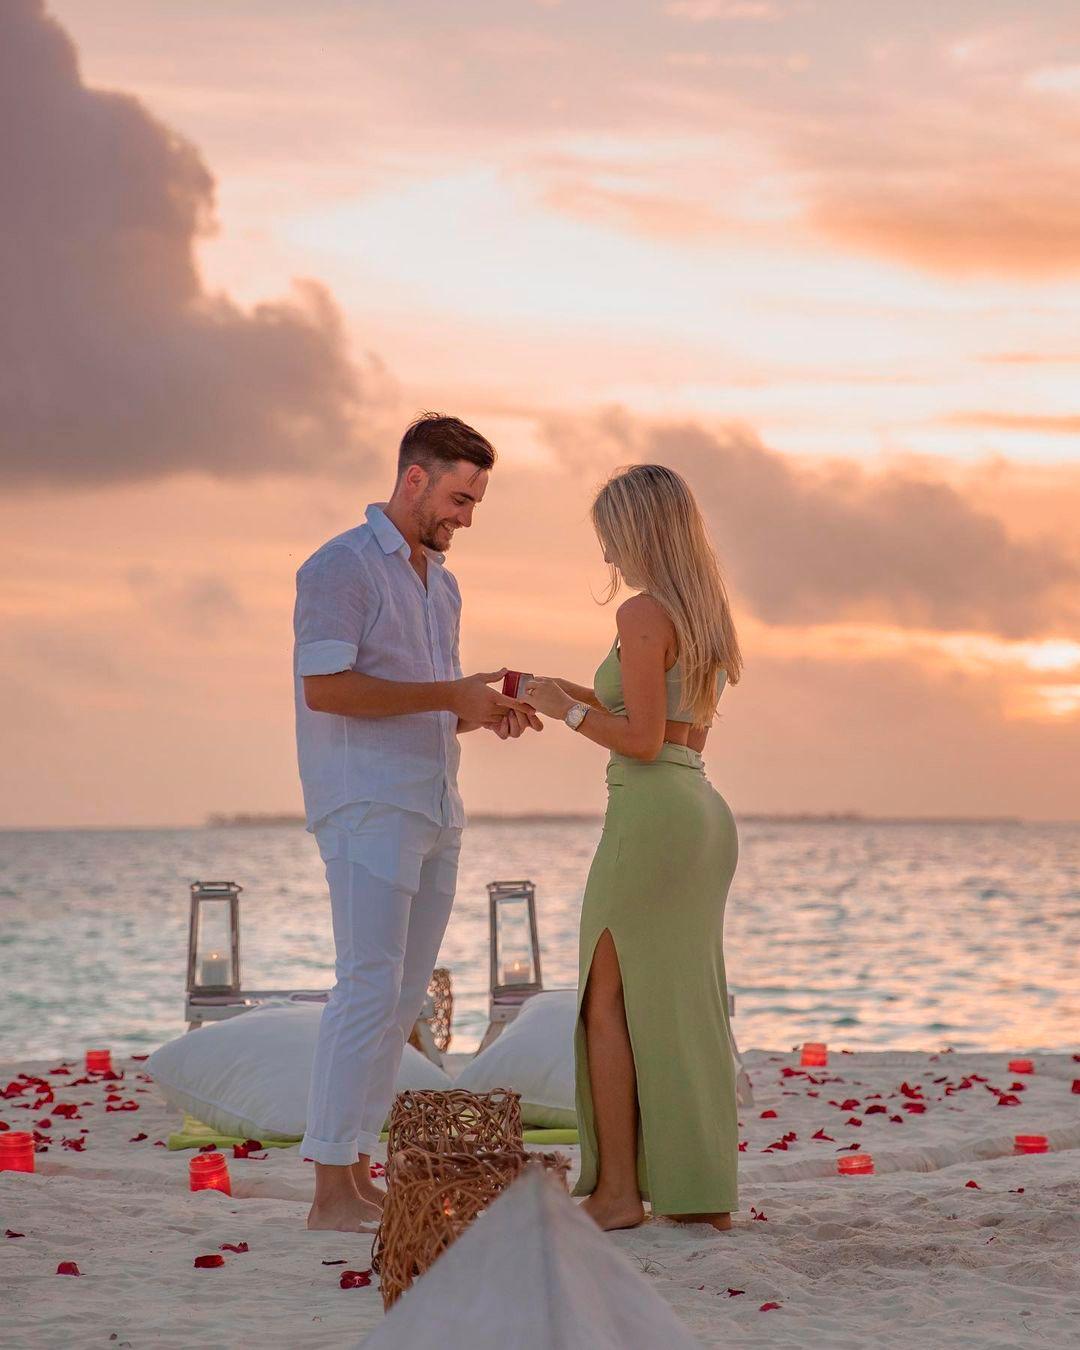 La propuesta de Casamiento de Tagliafico a Caro Calvagni